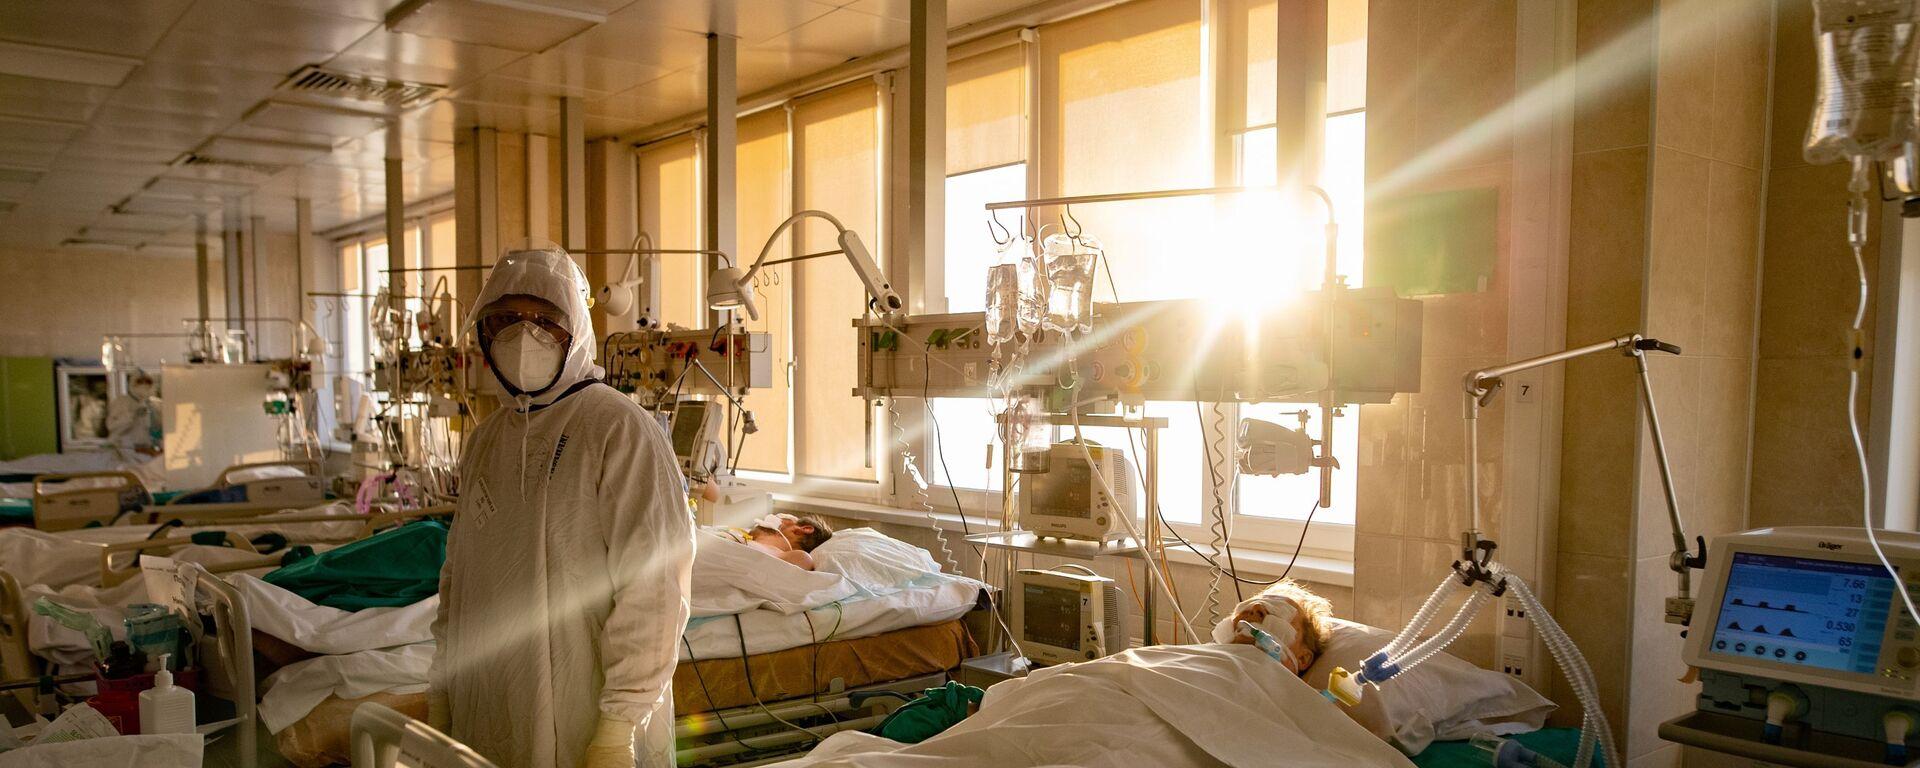 Медицинский сотрудник в отделении реанимации и интенсивной терапии - Sputnik Беларусь, 1920, 23.12.2020